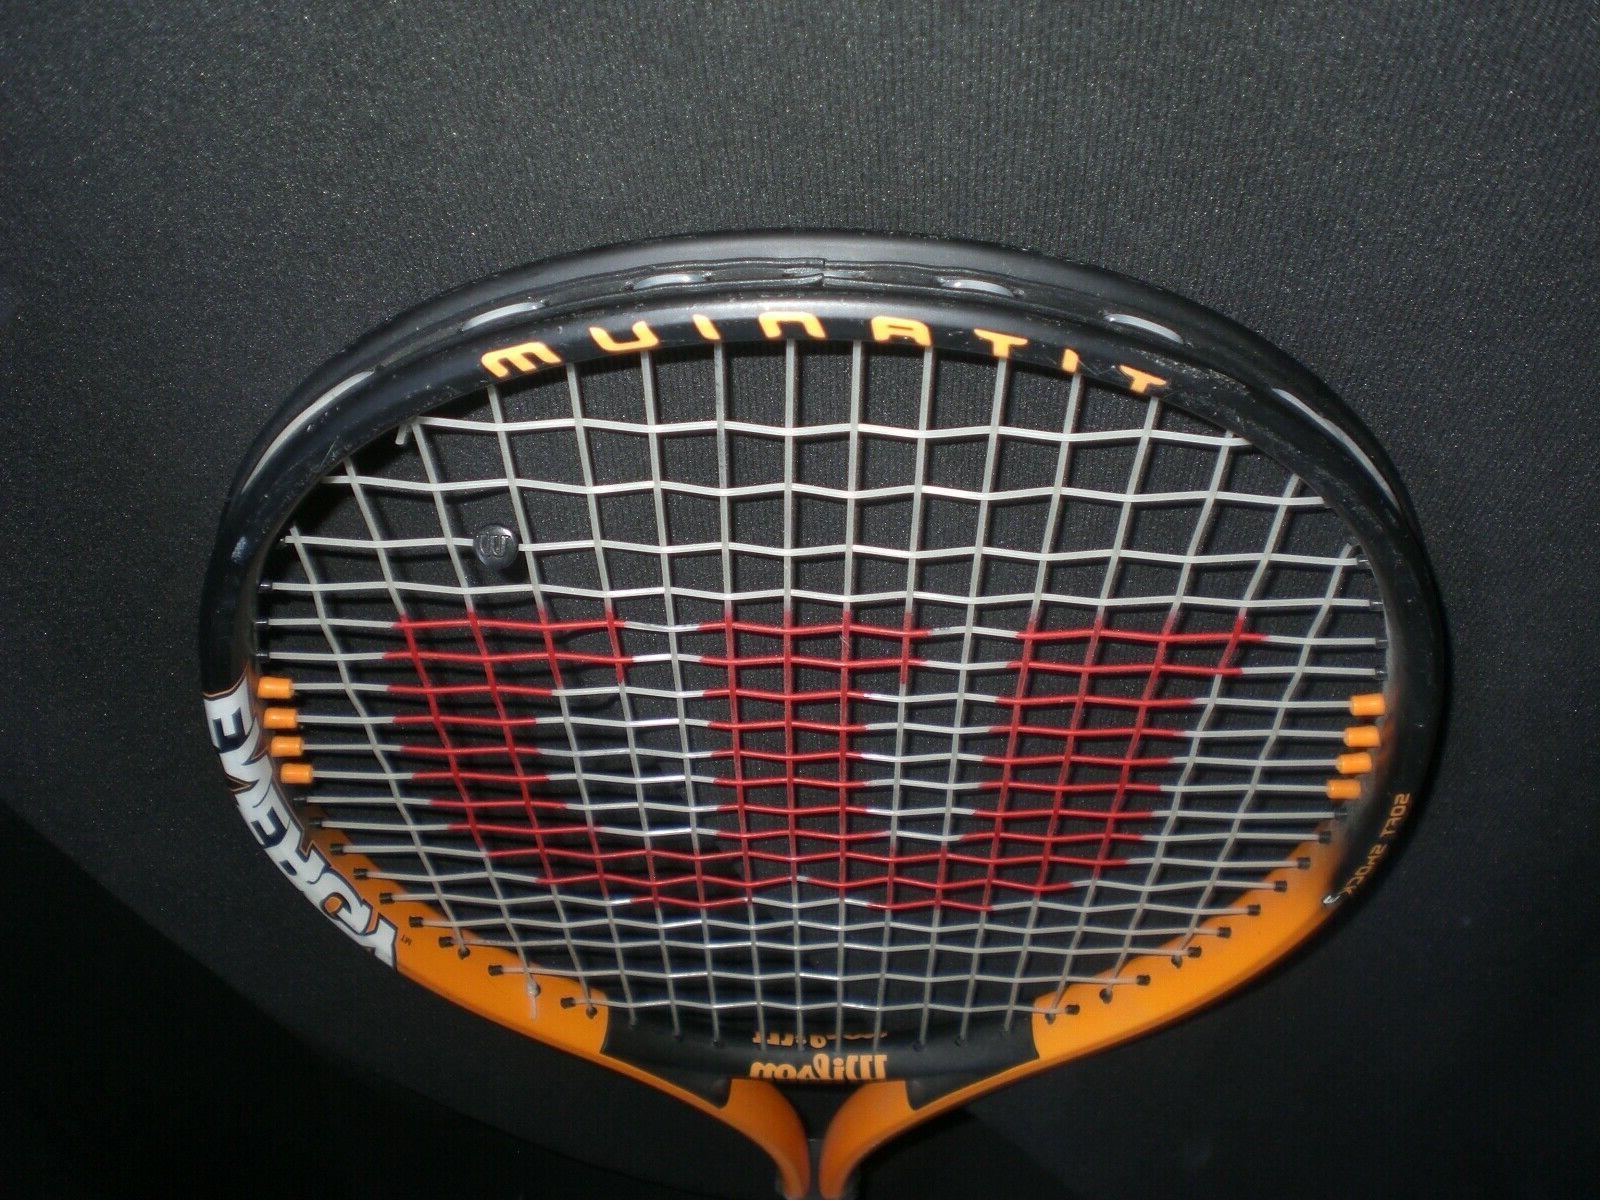 Wilson 110 Titanium Soft Racquet Orange/Blk 4 3/8